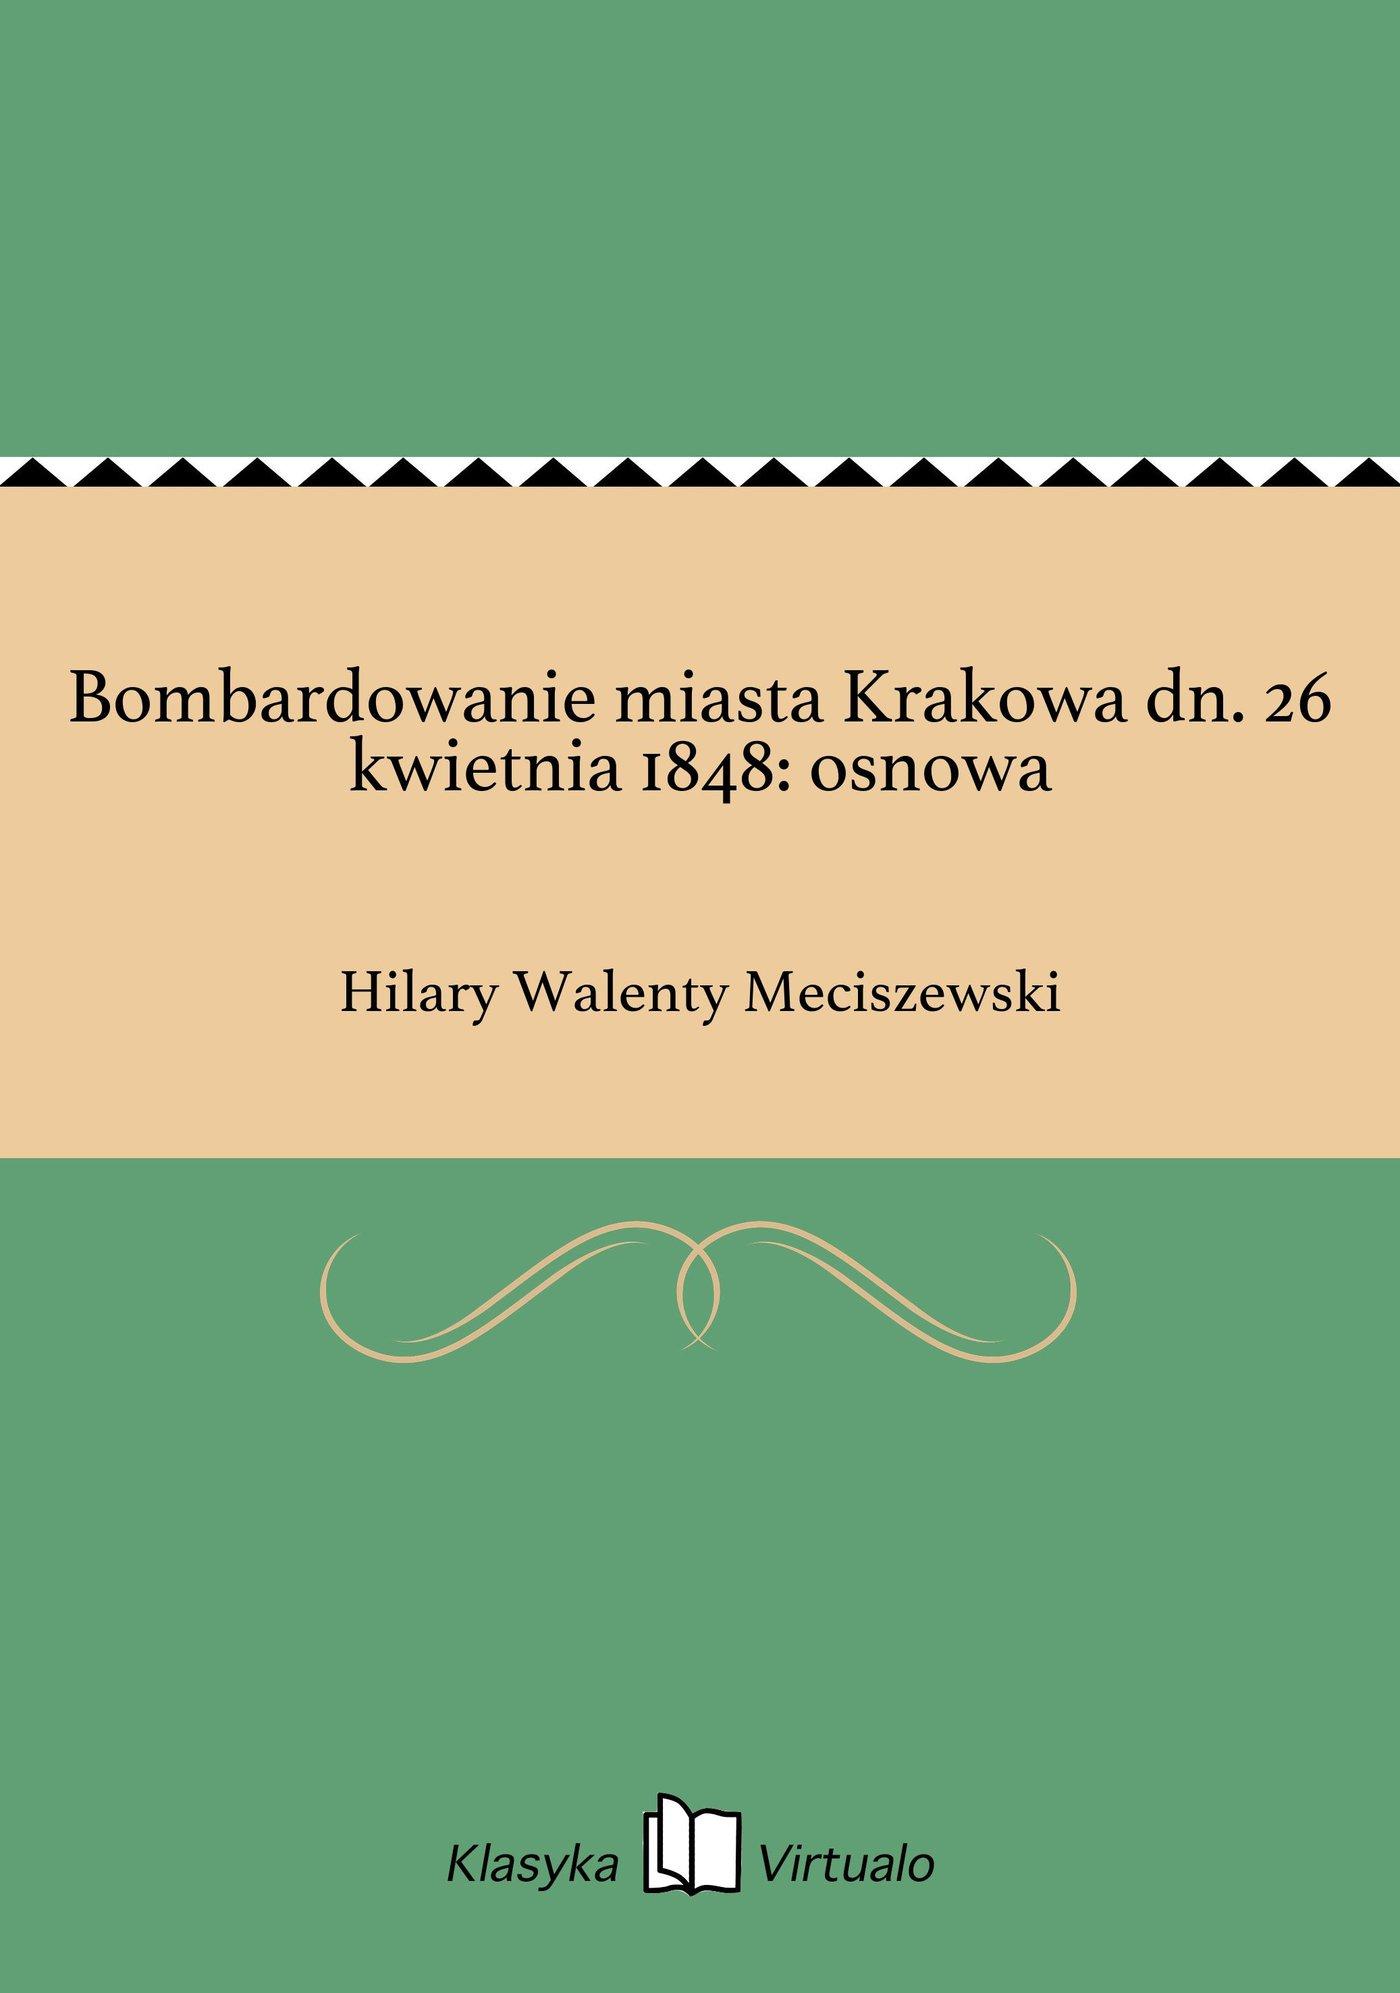 Bombardowanie miasta Krakowa dn. 26 kwietnia 1848: osnowa - Ebook (Książka EPUB) do pobrania w formacie EPUB